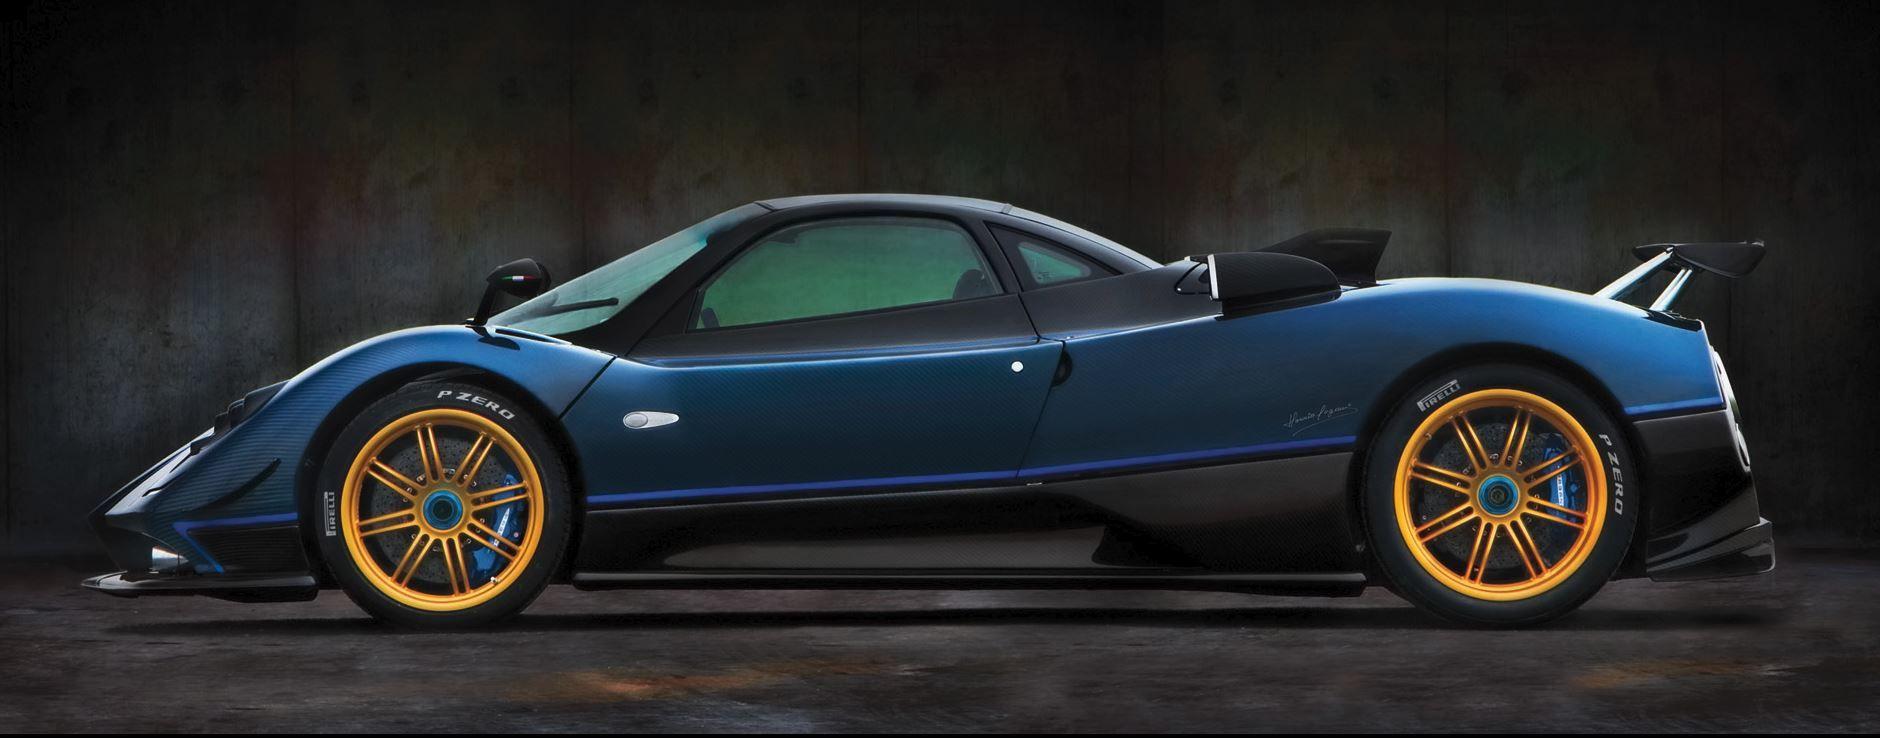 The Pagani Huayra Pagani Zonda Pagani Car And Super Car